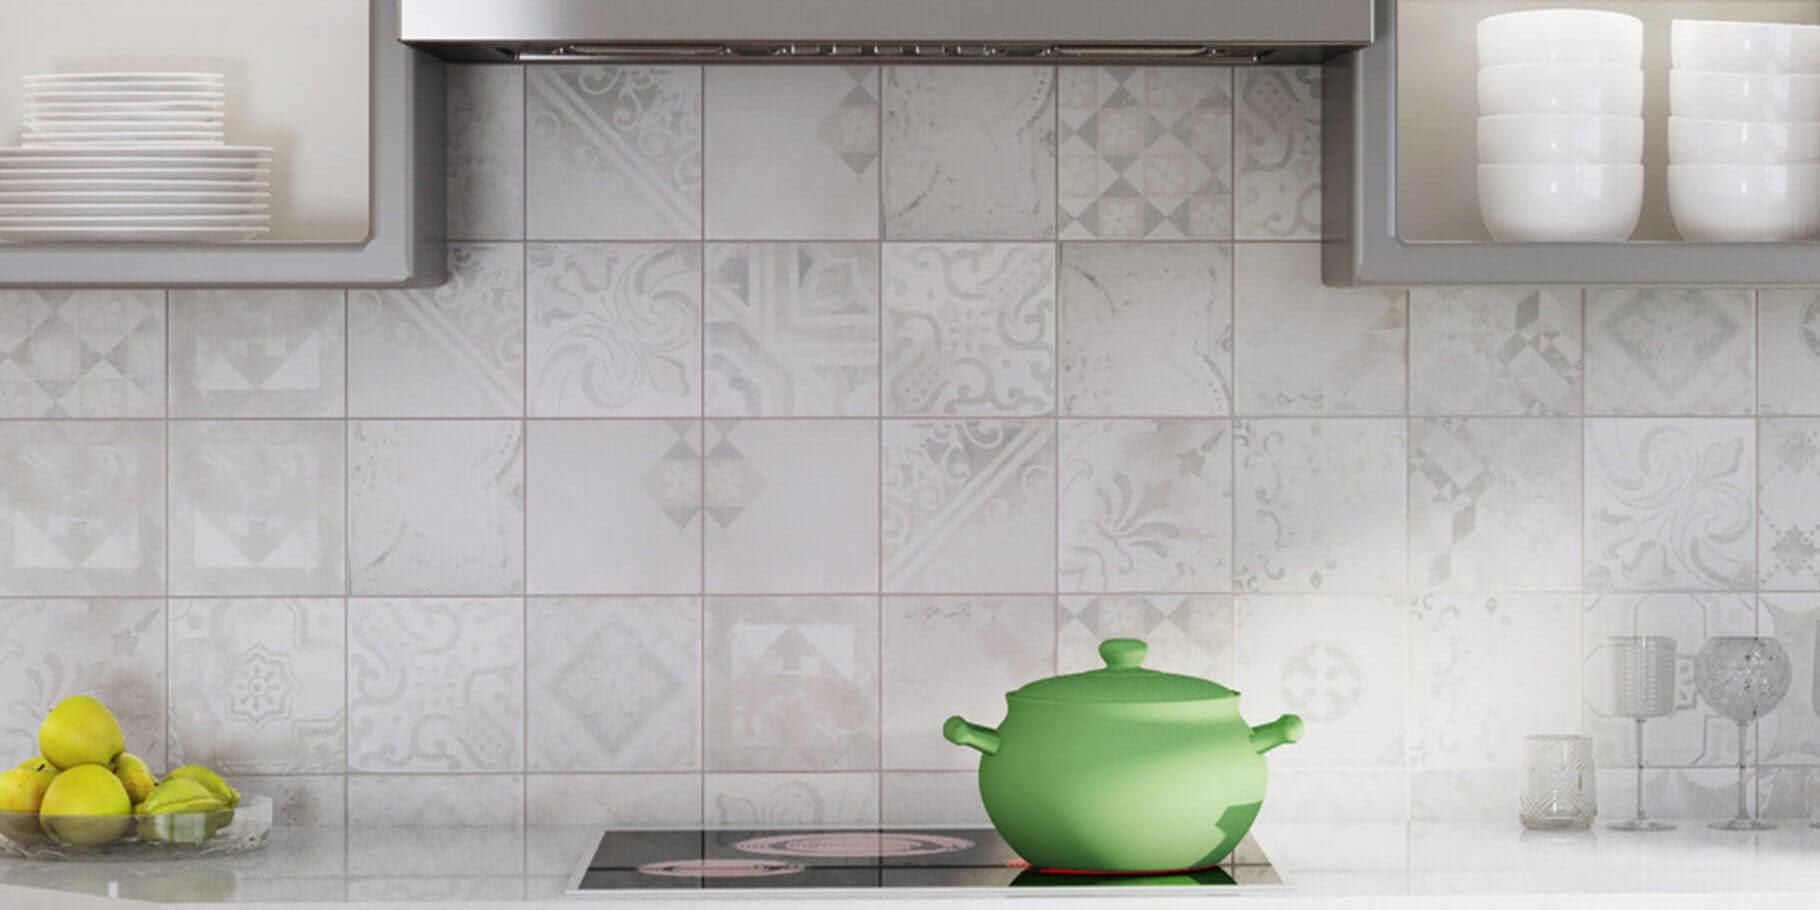 - Backsplash Tile Time